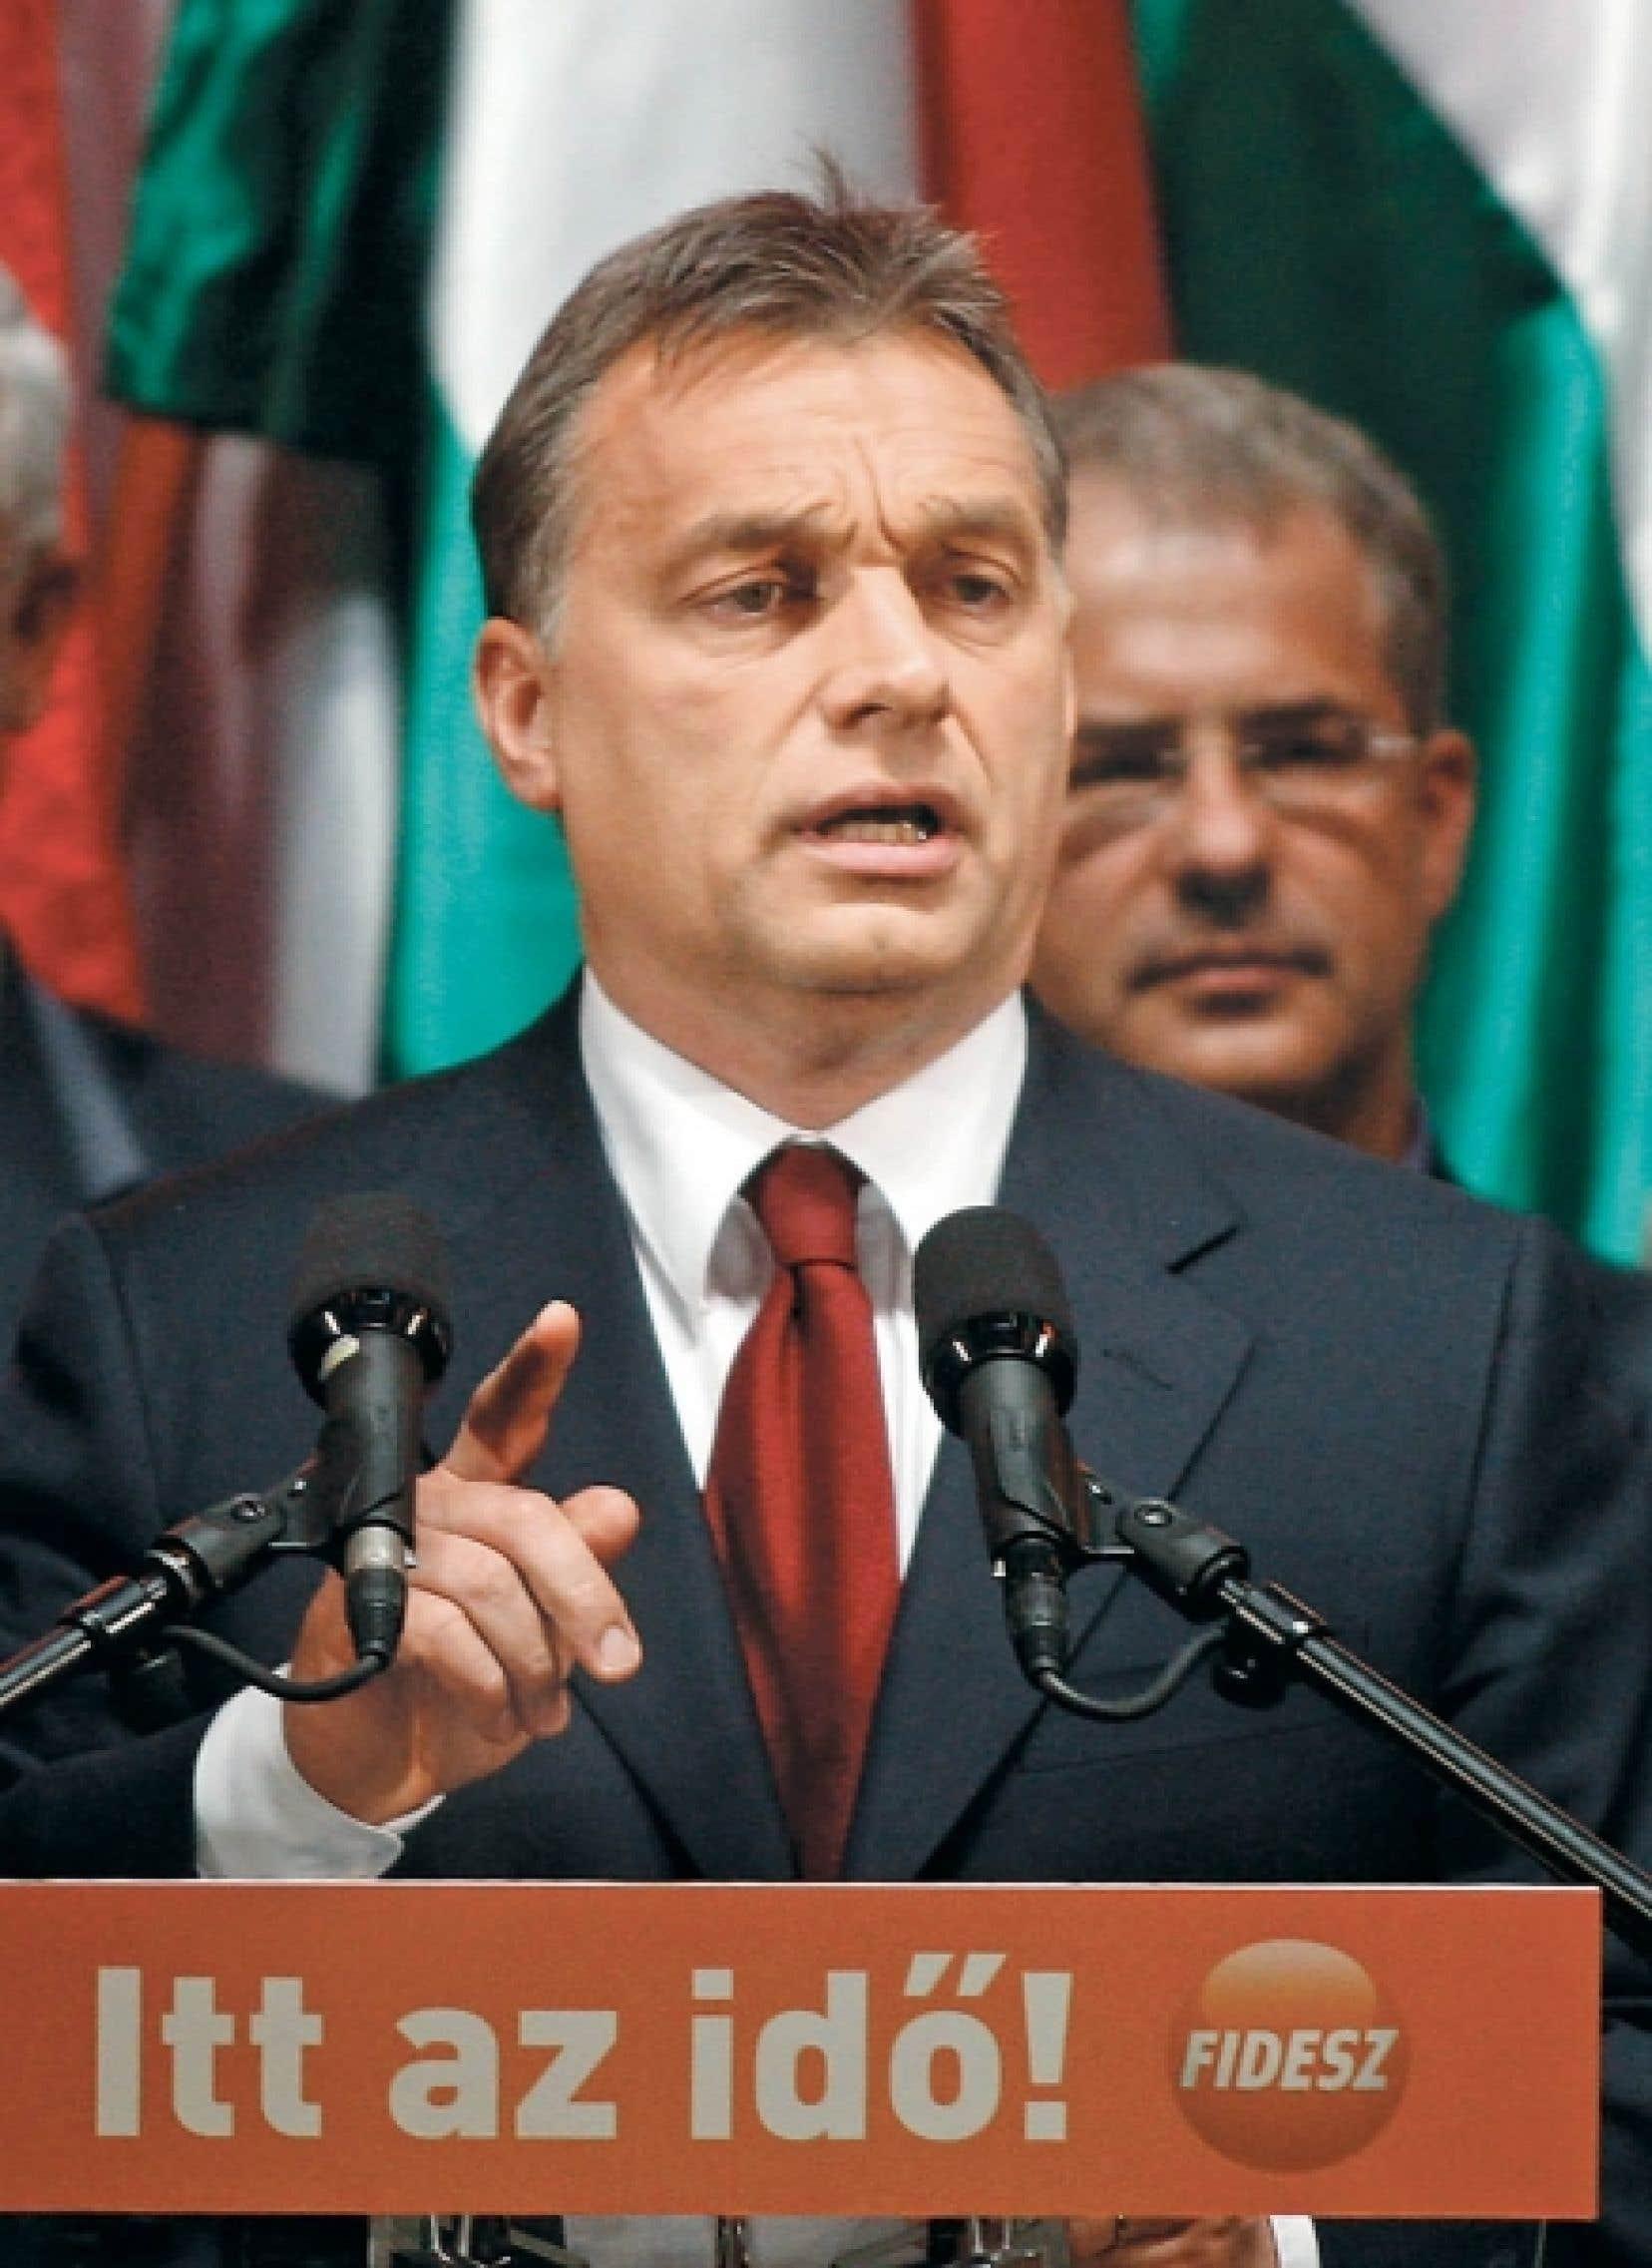 Viktor Orban, le grand vainqueur et prochain premier ministre de Hongrie